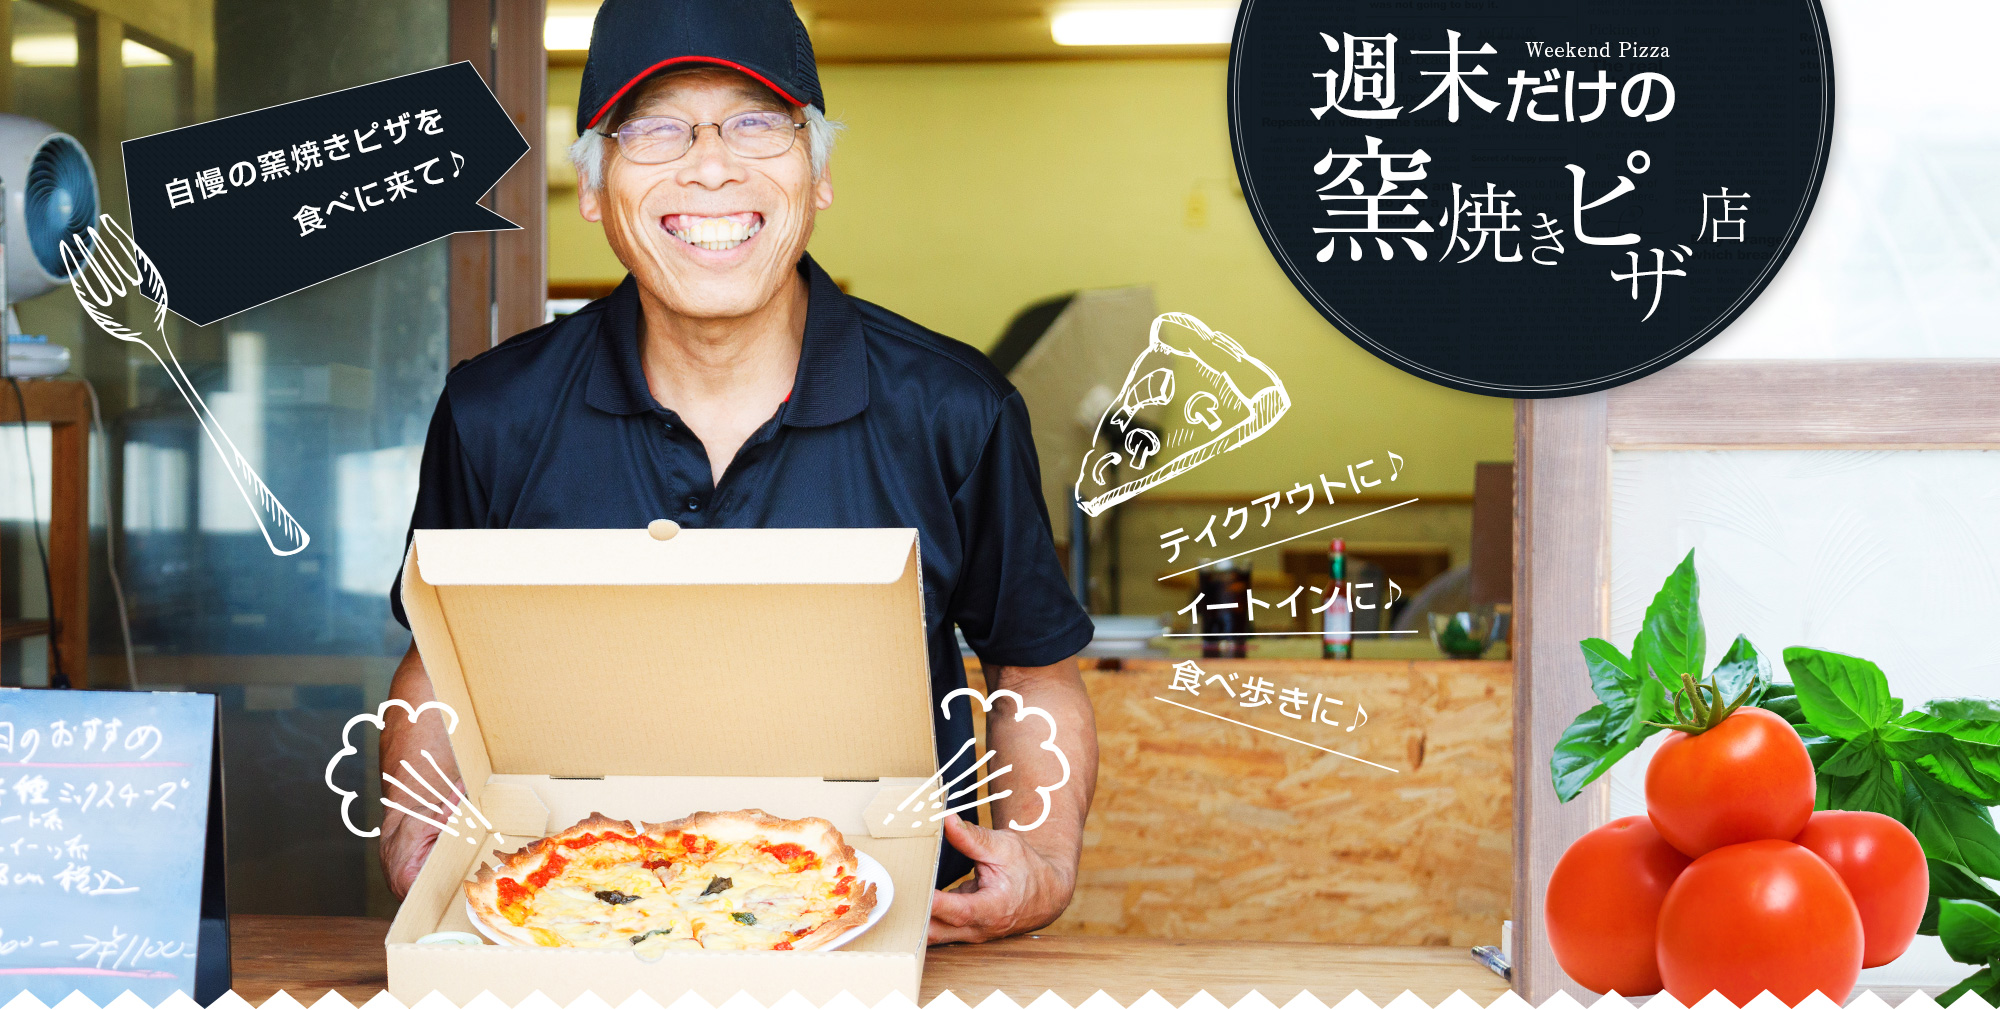 週末だけの窯焼きピザ店 テイクアウトに♪イートインに♪食べ歩きに♪  自慢の窯焼きピザを食べに来て